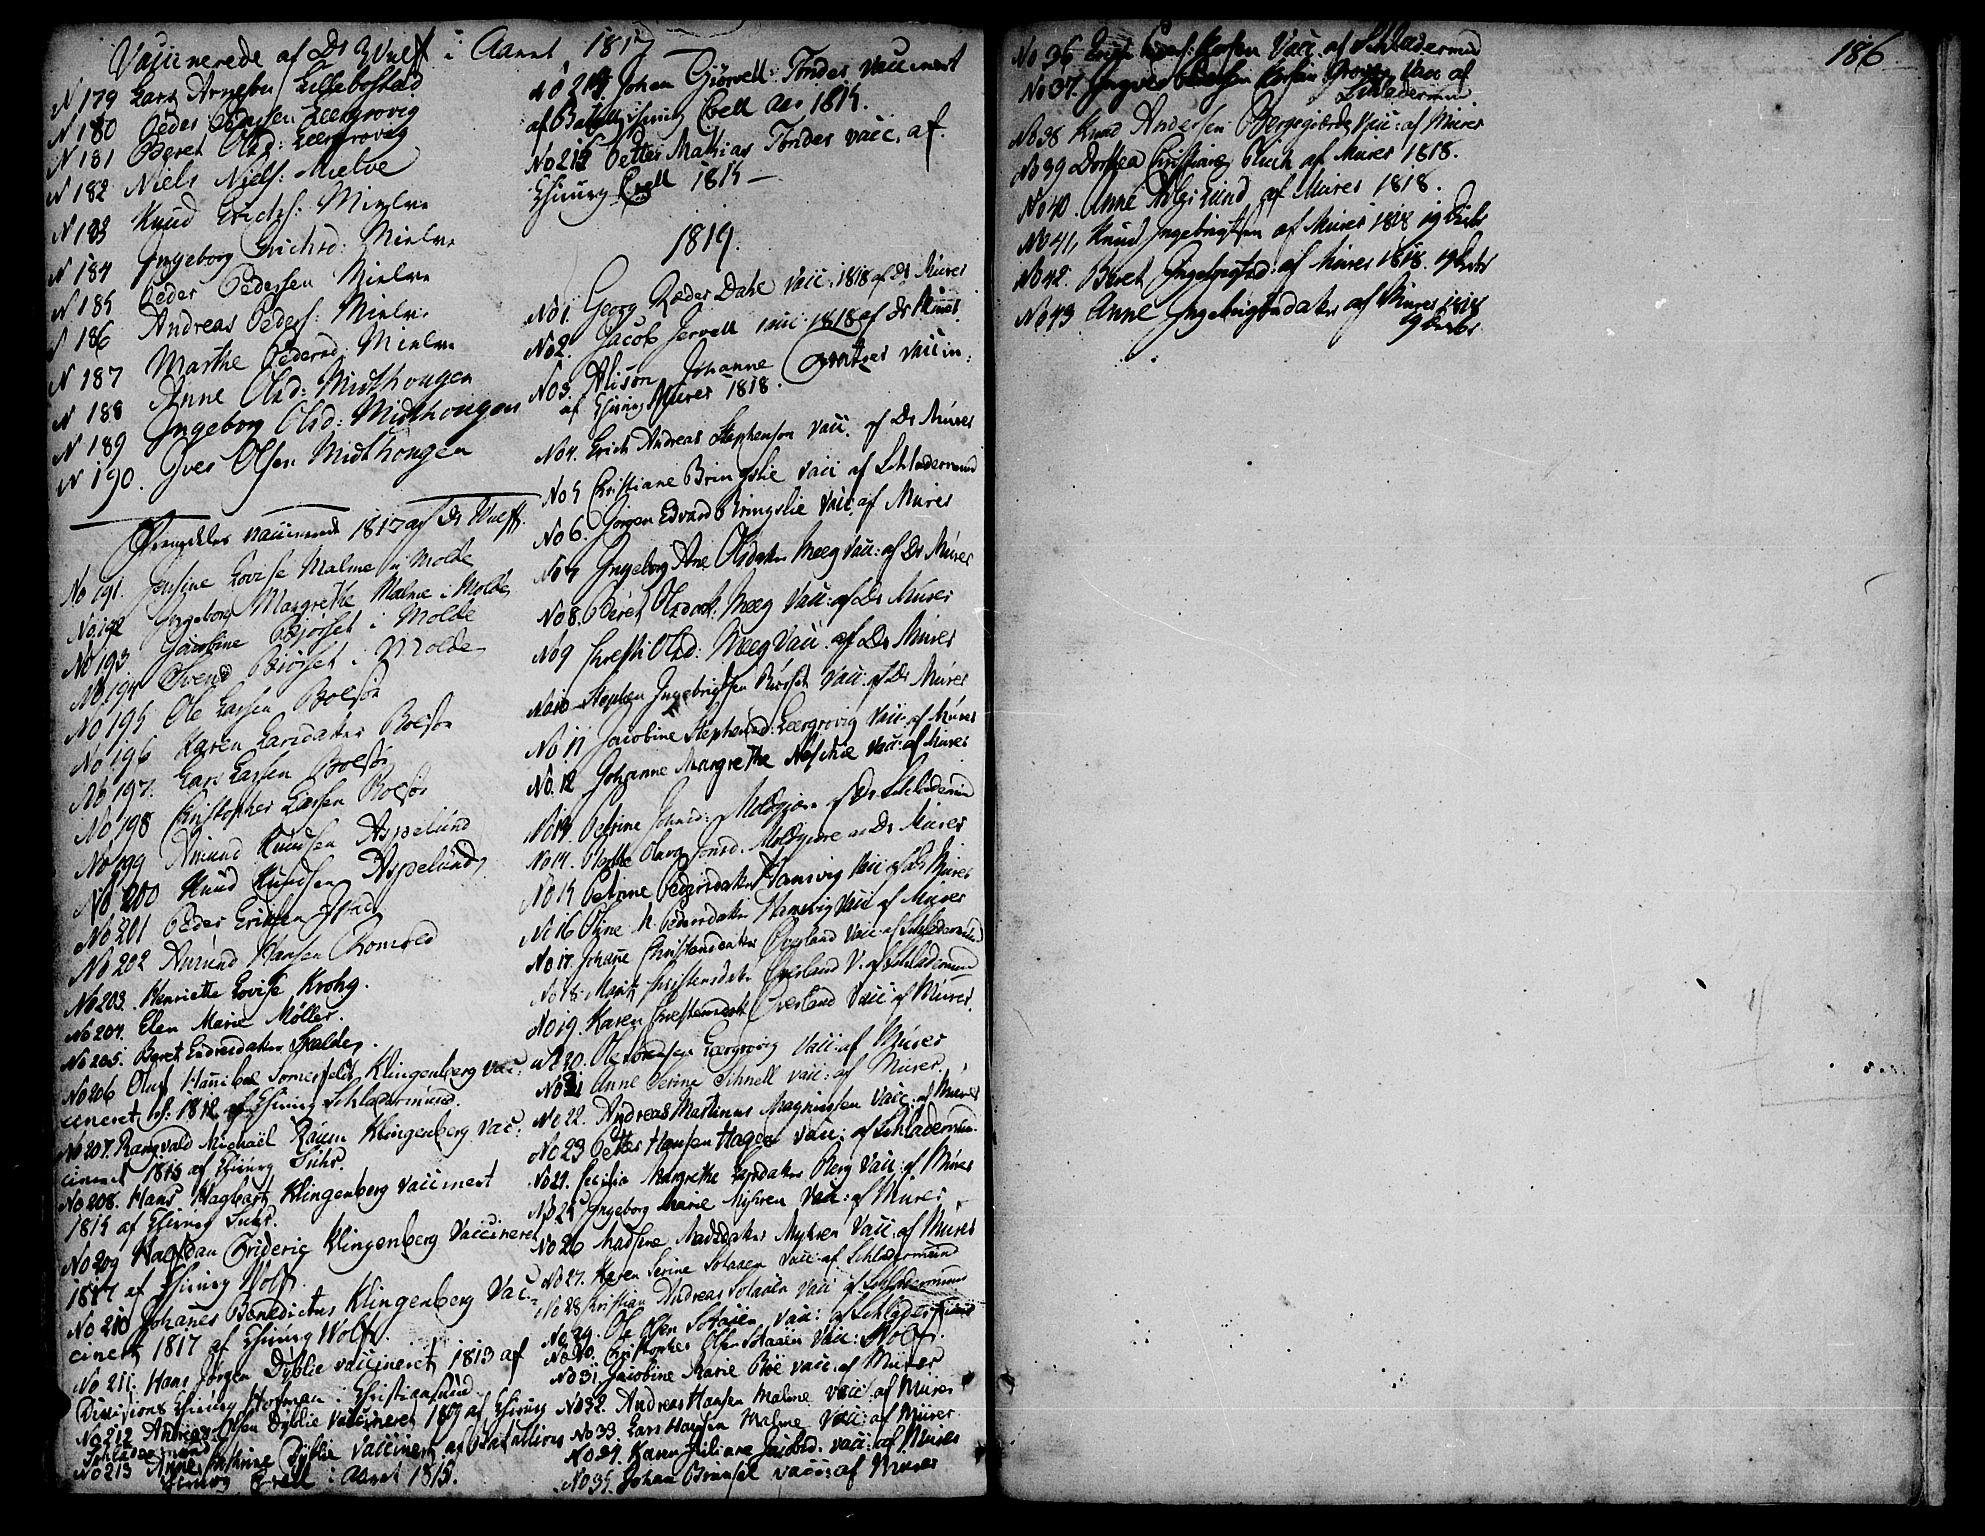 SAT, Ministerialprotokoller, klokkerbøker og fødselsregistre - Møre og Romsdal, 555/L0648: Ministerialbok nr. 555A01, 1759-1793, s. 186